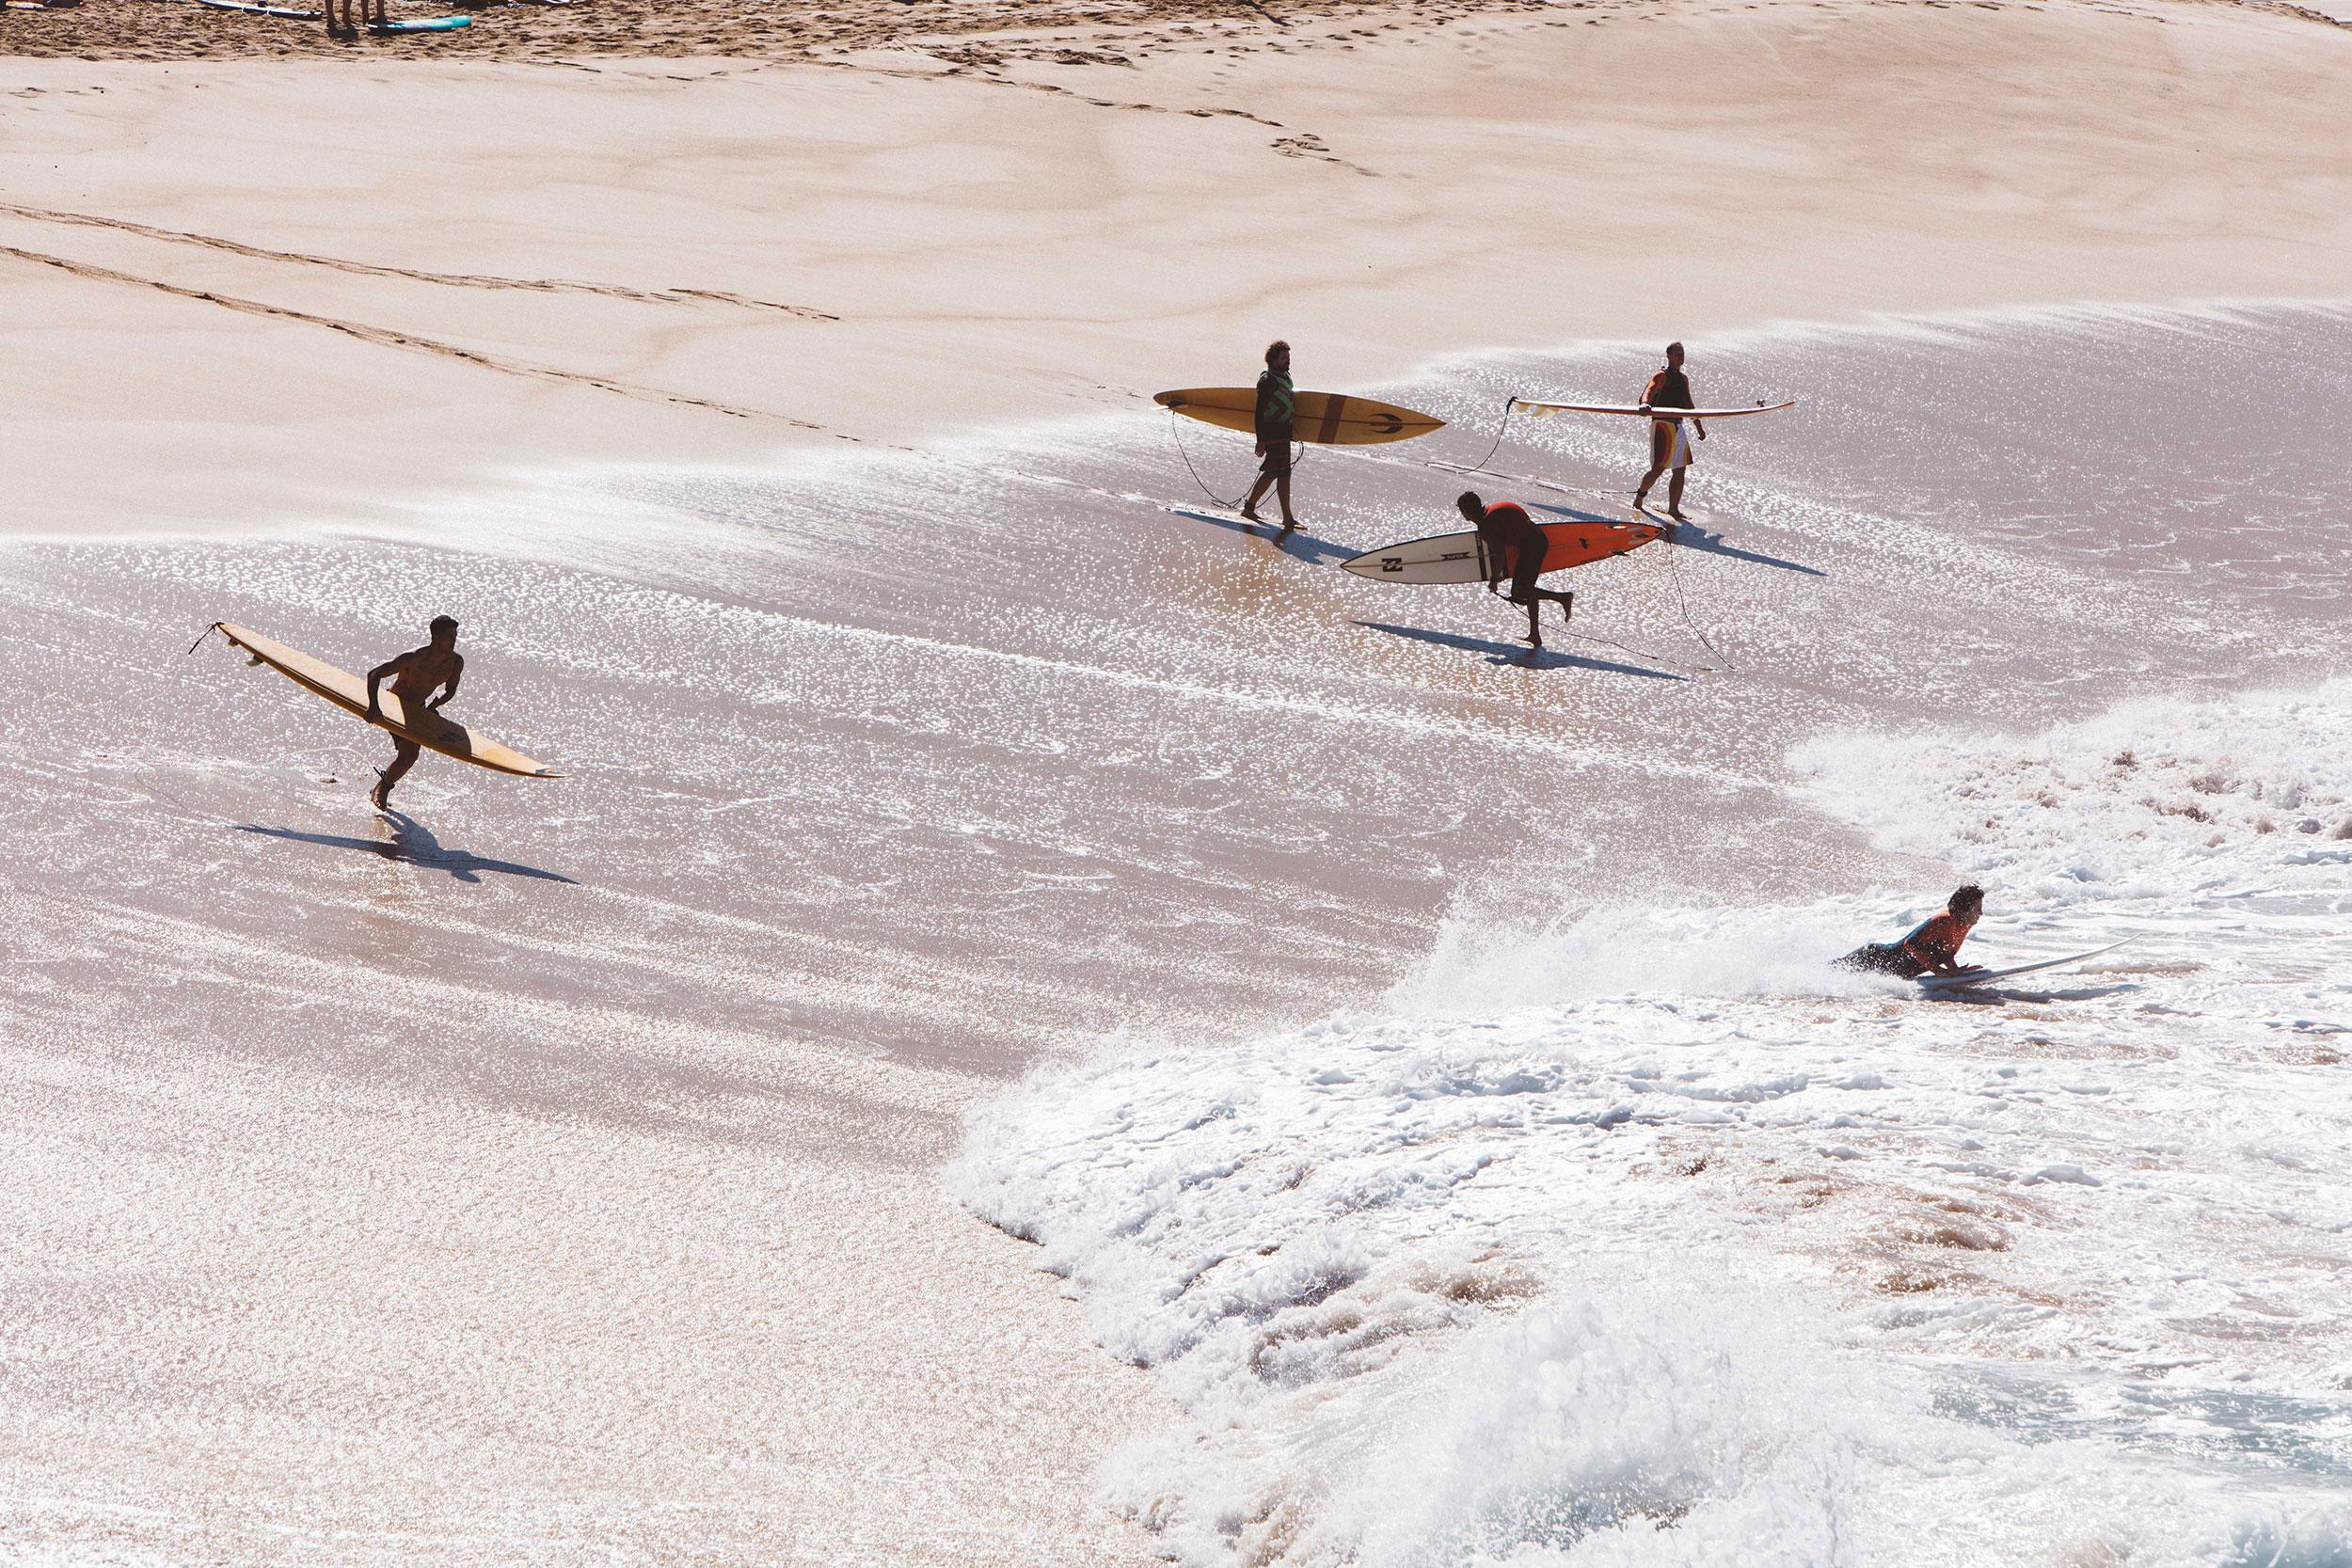 Waimea surfers 2016